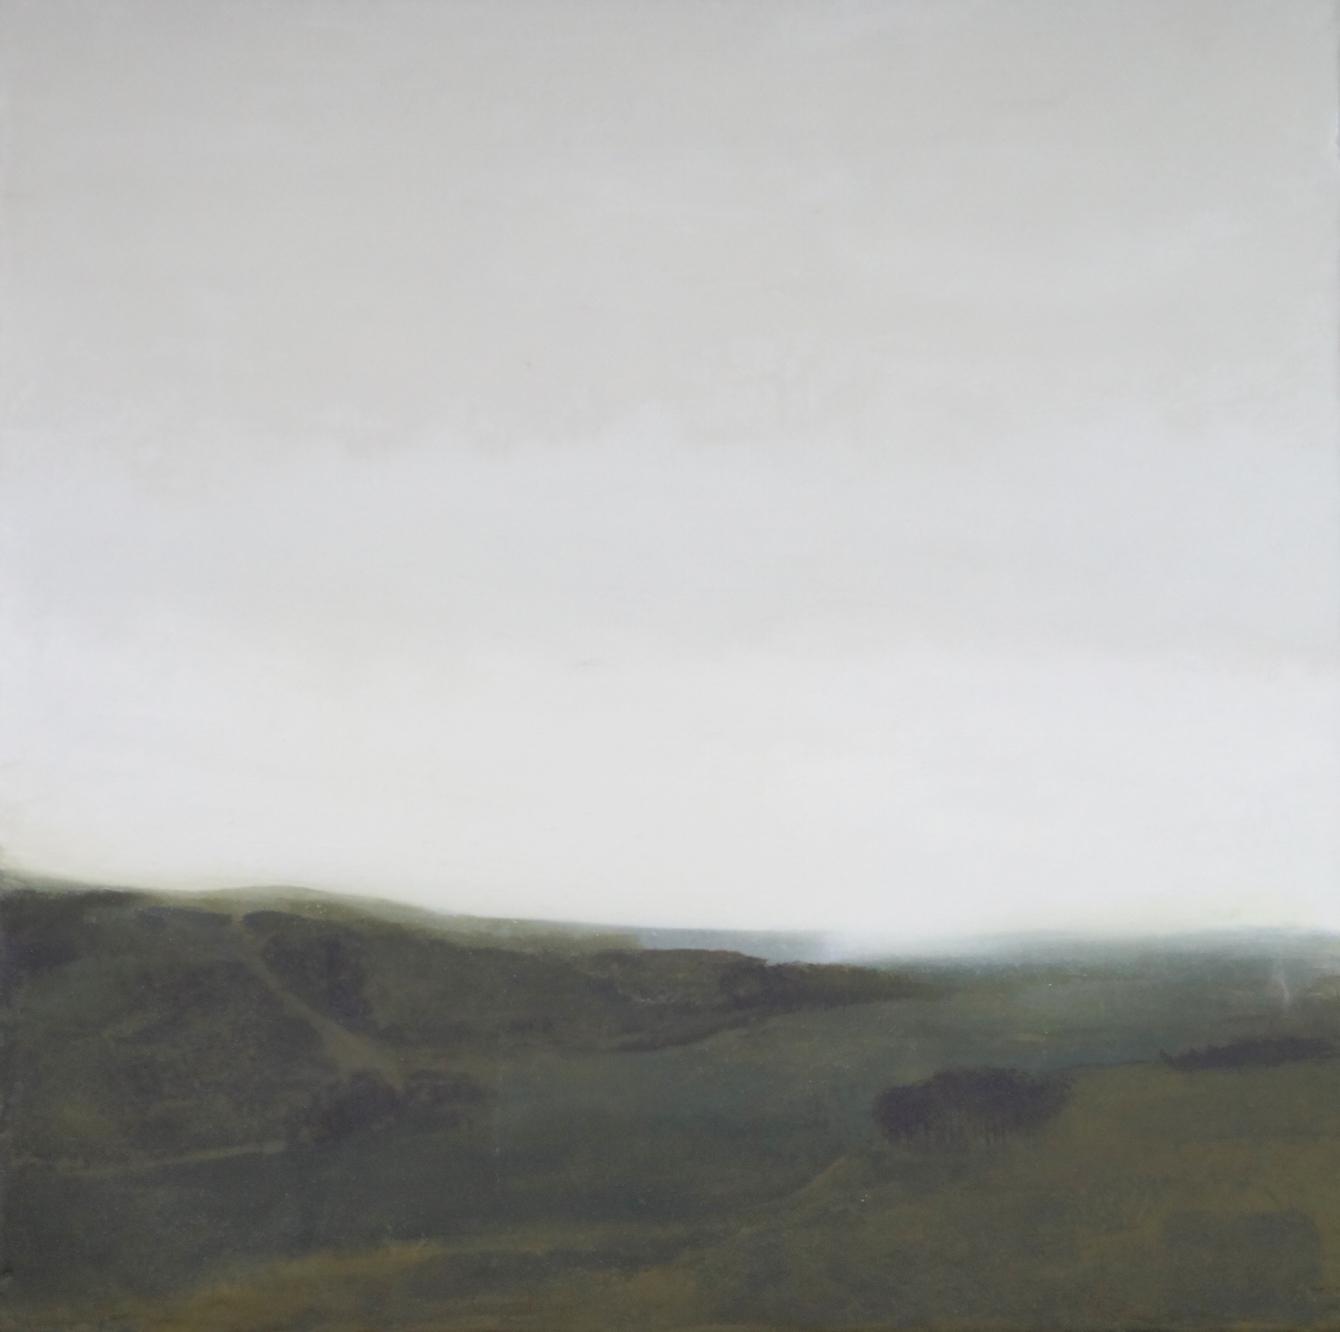 Artist: Anna Boss  Title: Night Falling  Medium: Acrylic on canvas  Size: 80 x 80 cm  Price: £1800